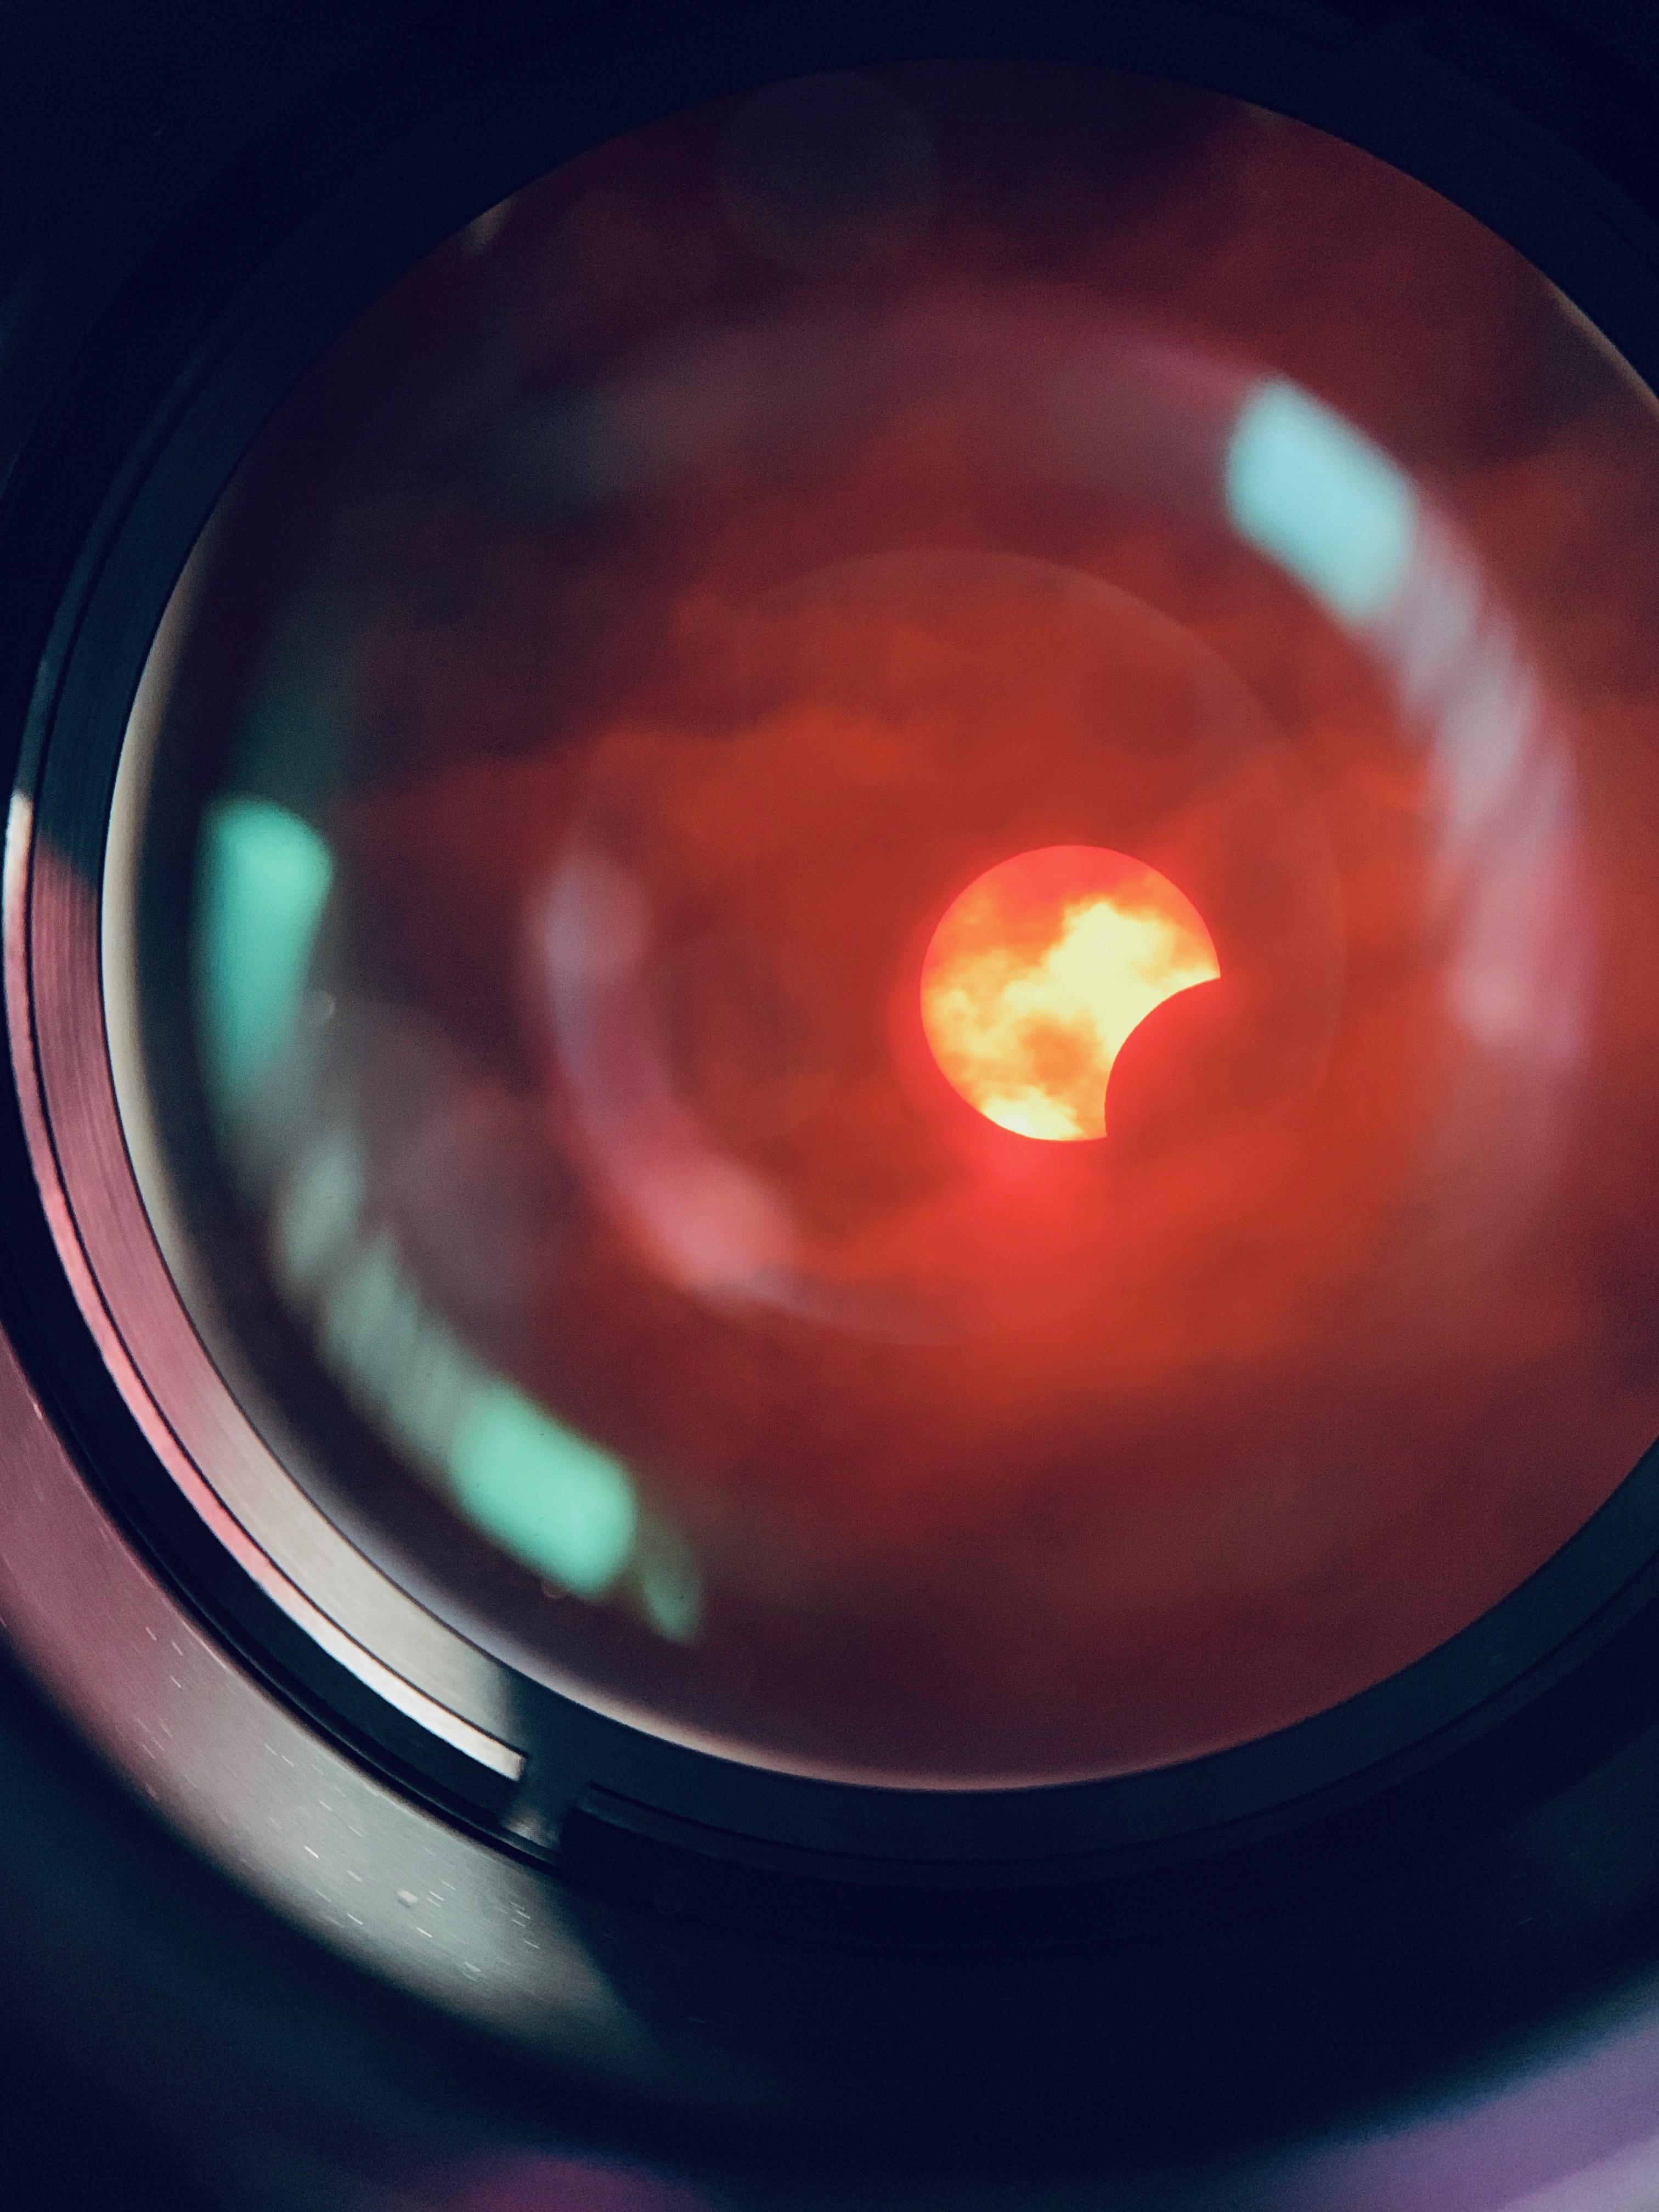 ファインダー越しの部分日食(望遠鏡を使ったので上下左右逆)